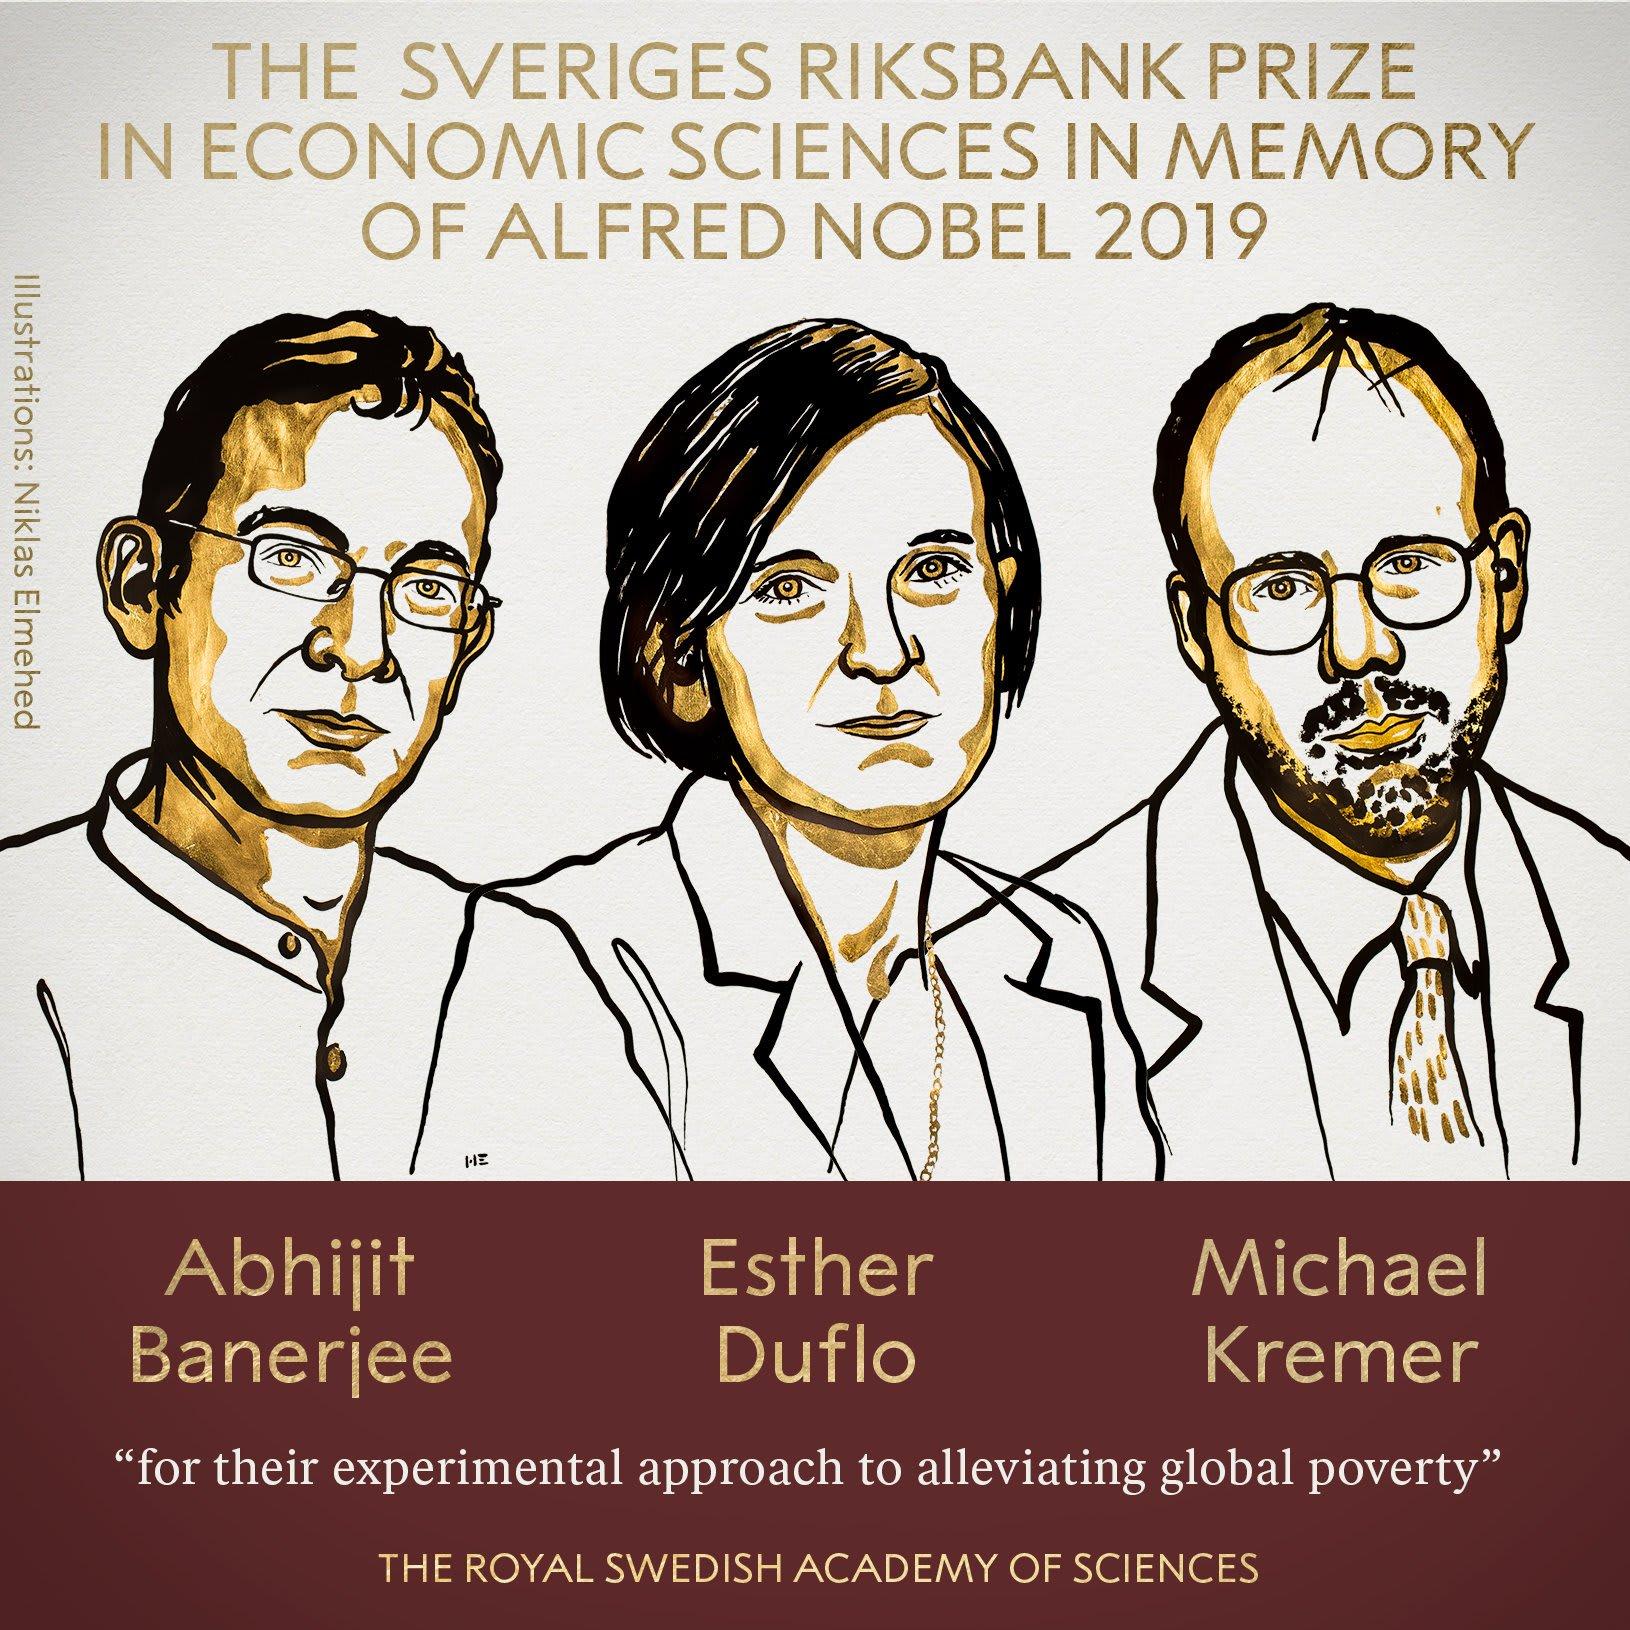 هندي وفرنسية وأمريكي يفوزون بجائزة نوبل في علوم الاقتصاد 2019